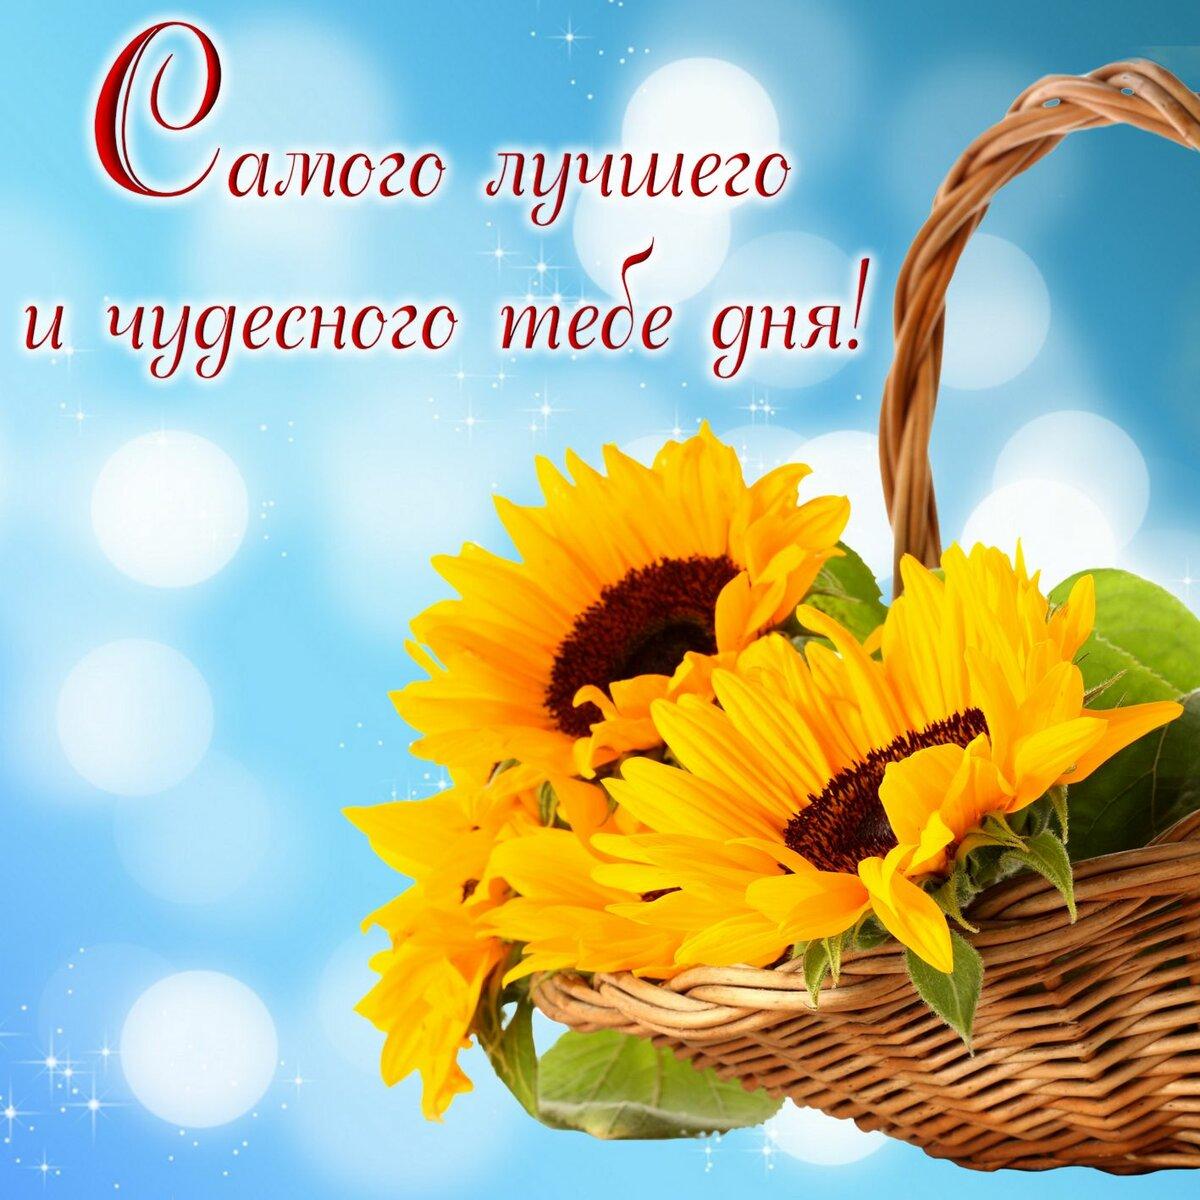 Красивая открытка с пожеланием хорошего дня и отличного настроения